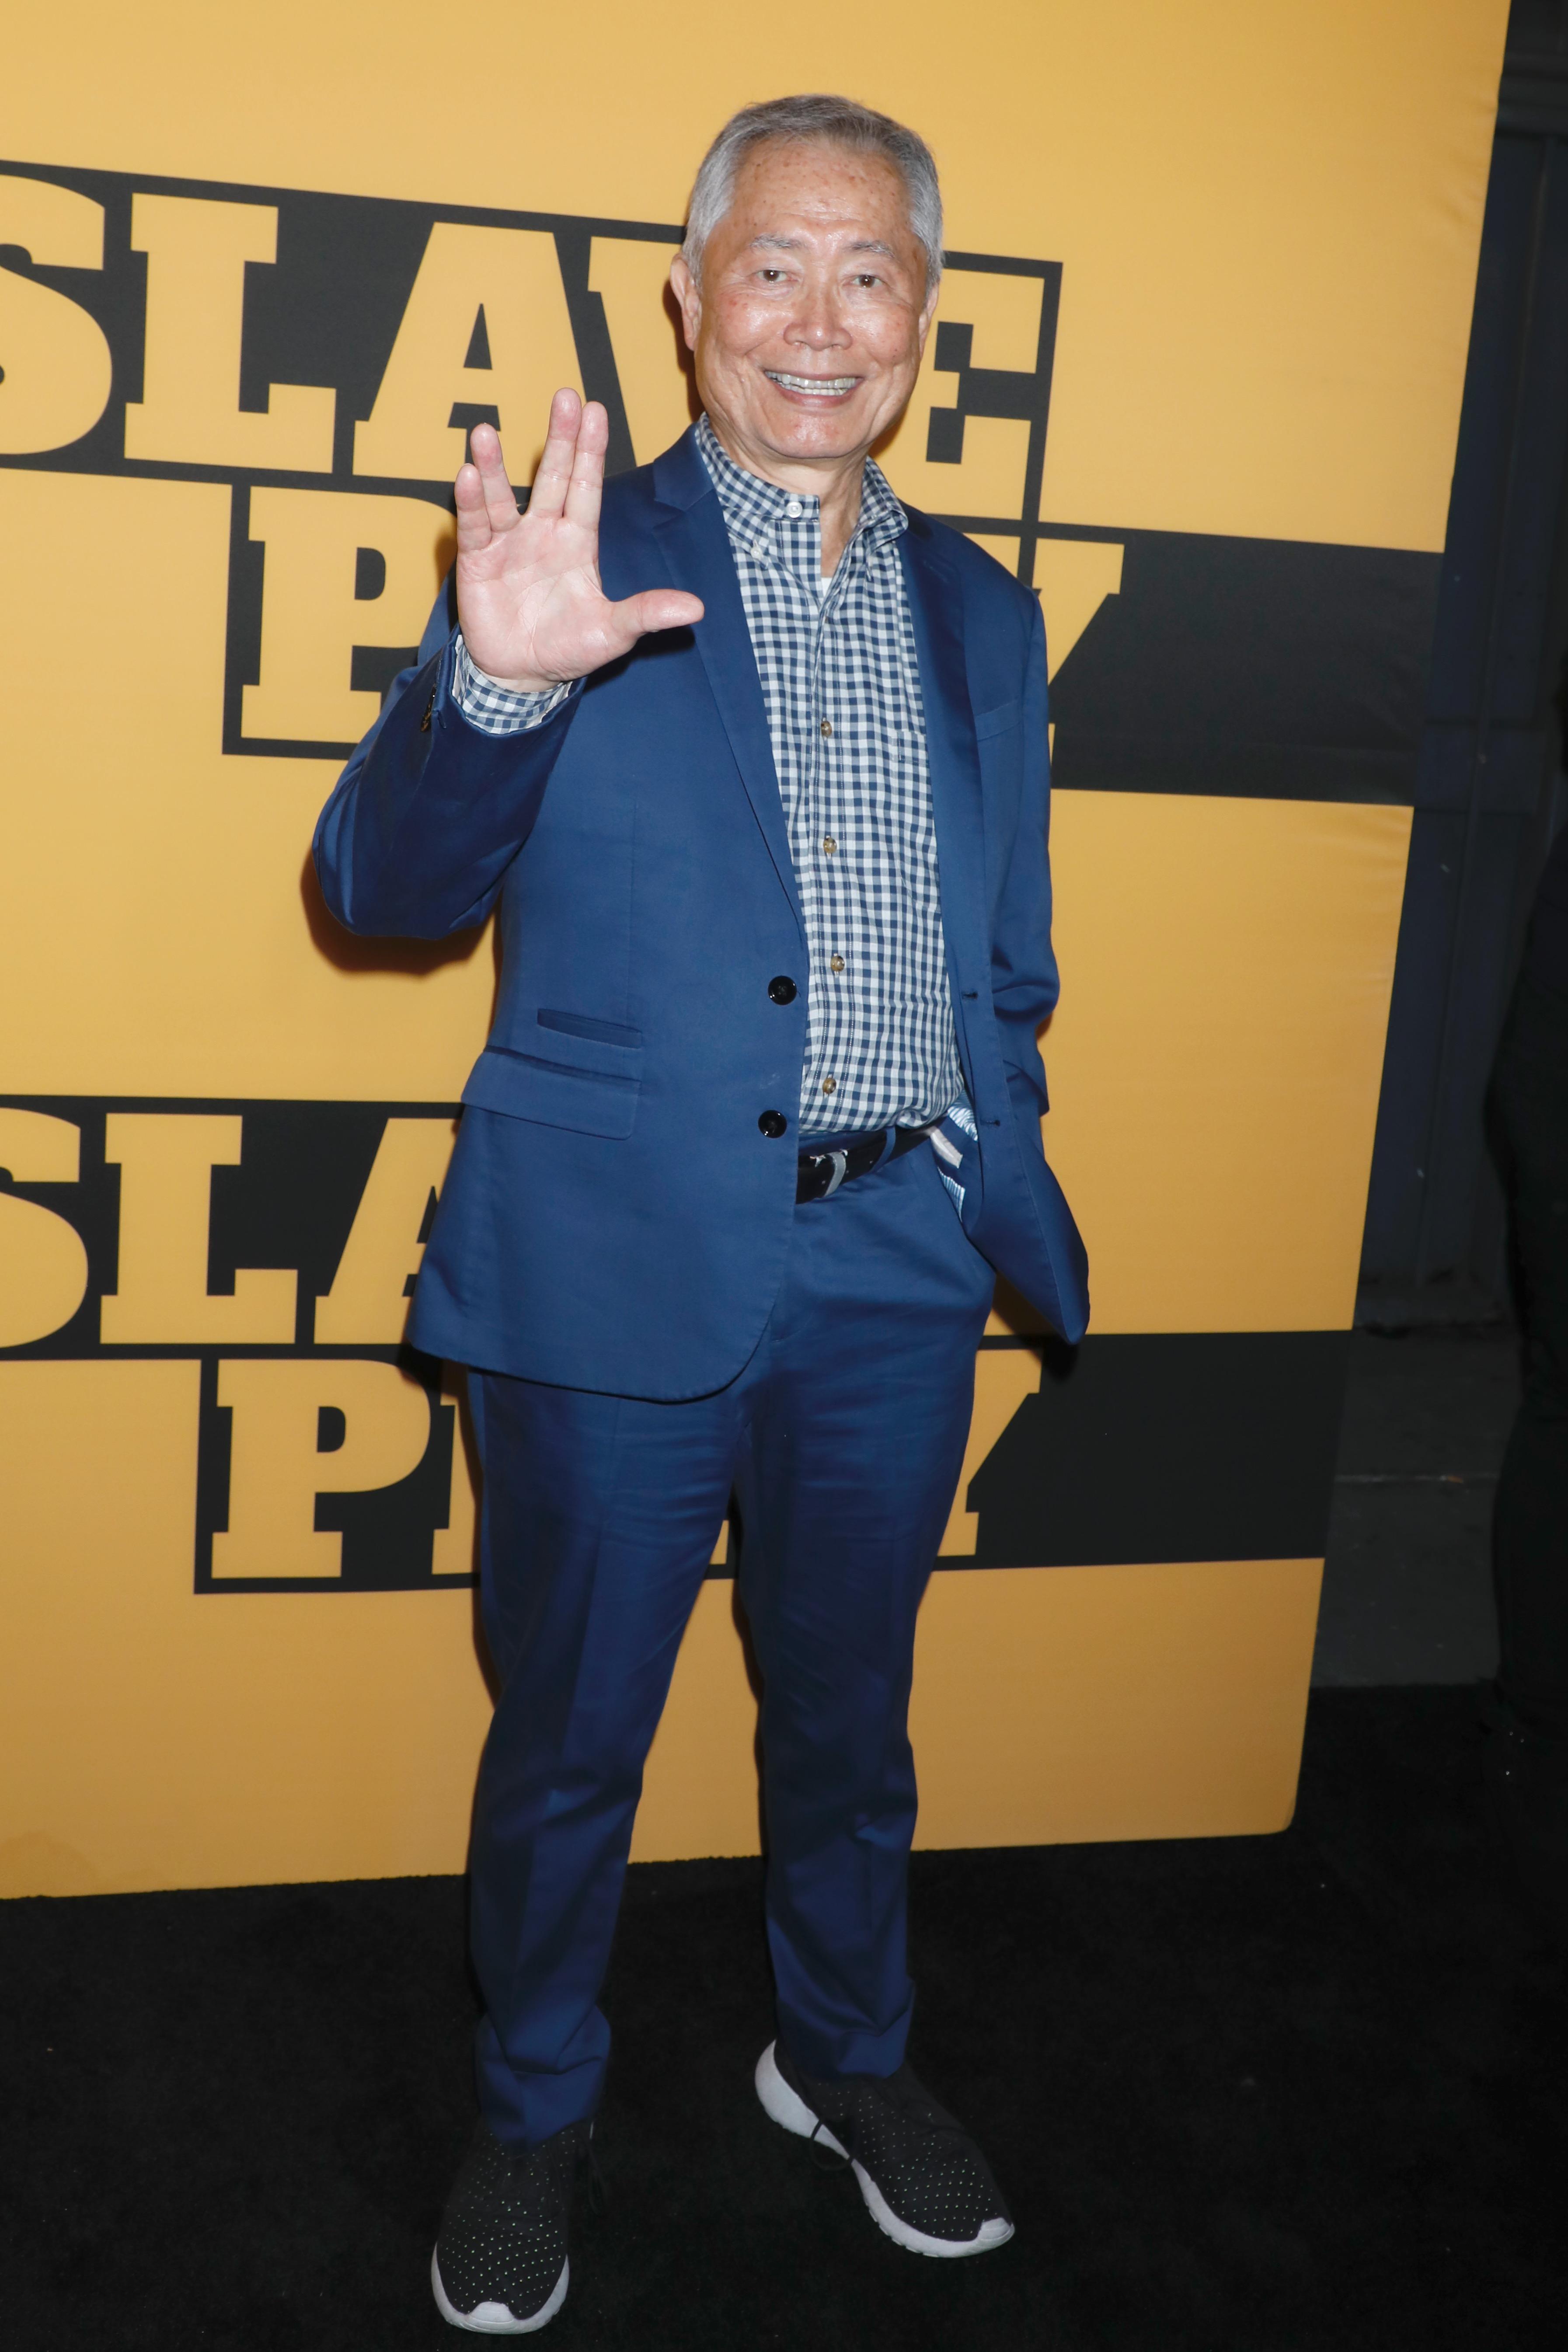 George Takei Says the Original 'Star Trek' TV Show Cast Became 'Lifelong Friends'